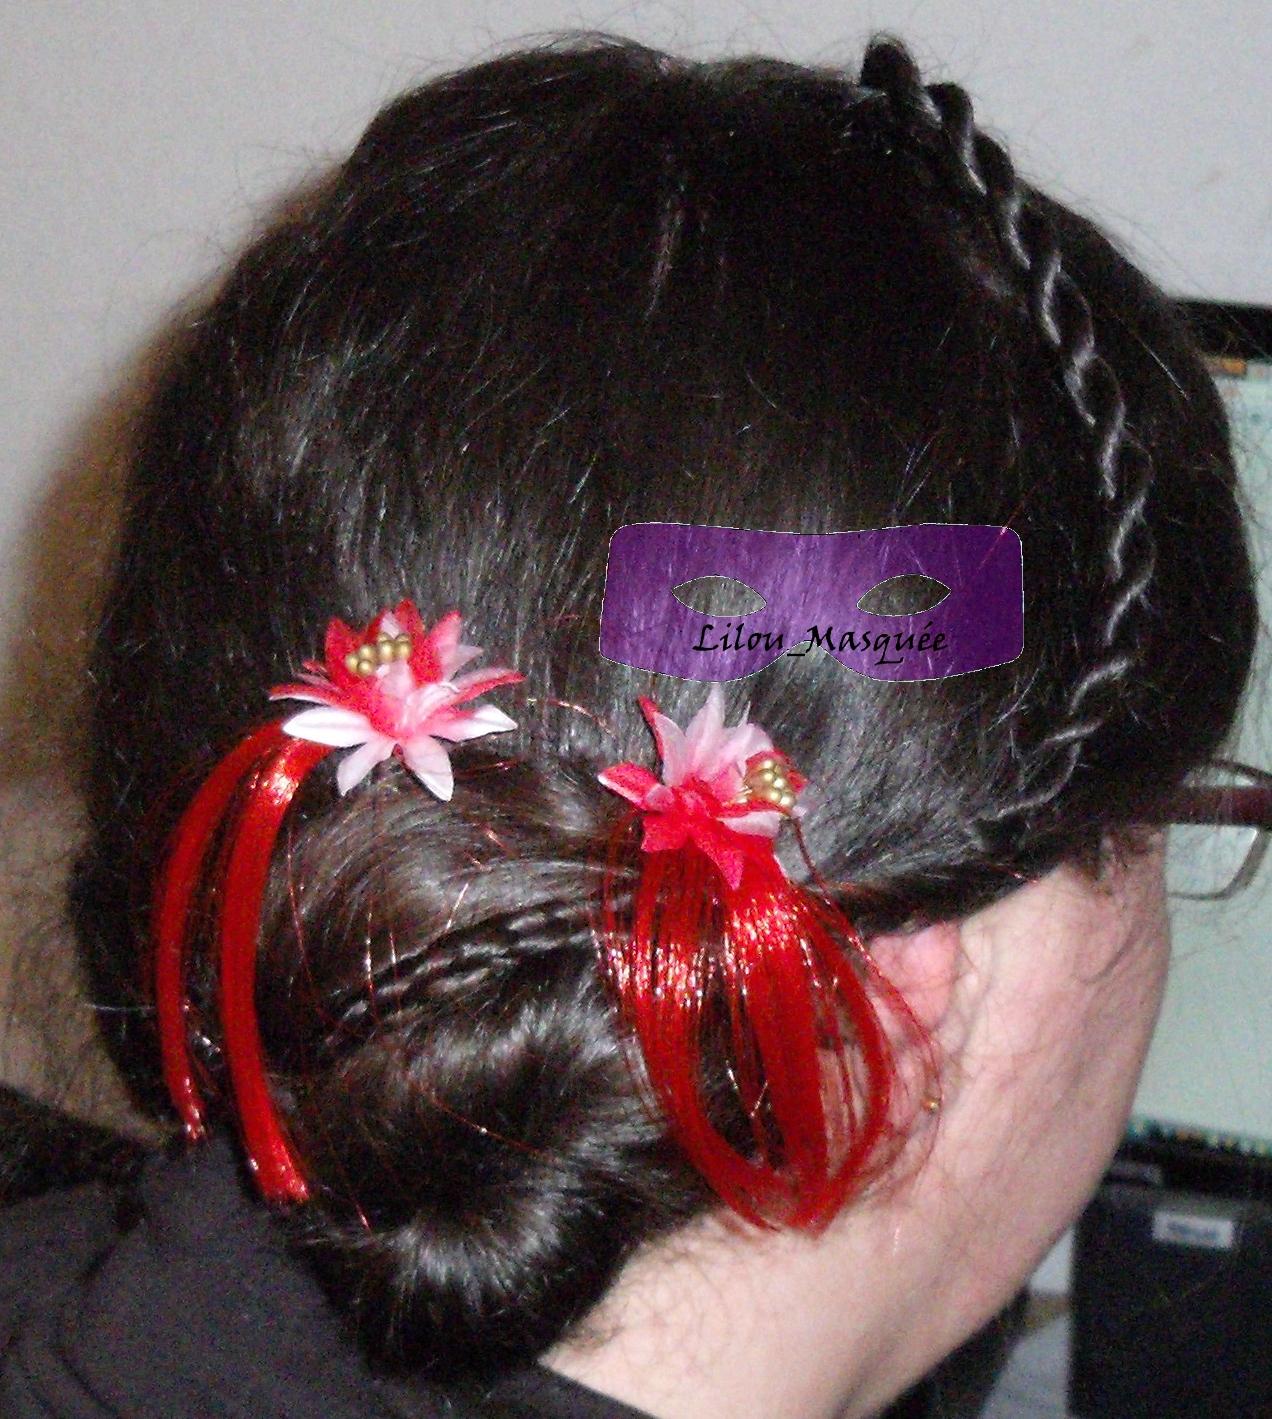 1001 coiffures: Tuto Coiffure : Chignon facile pour les fêtes